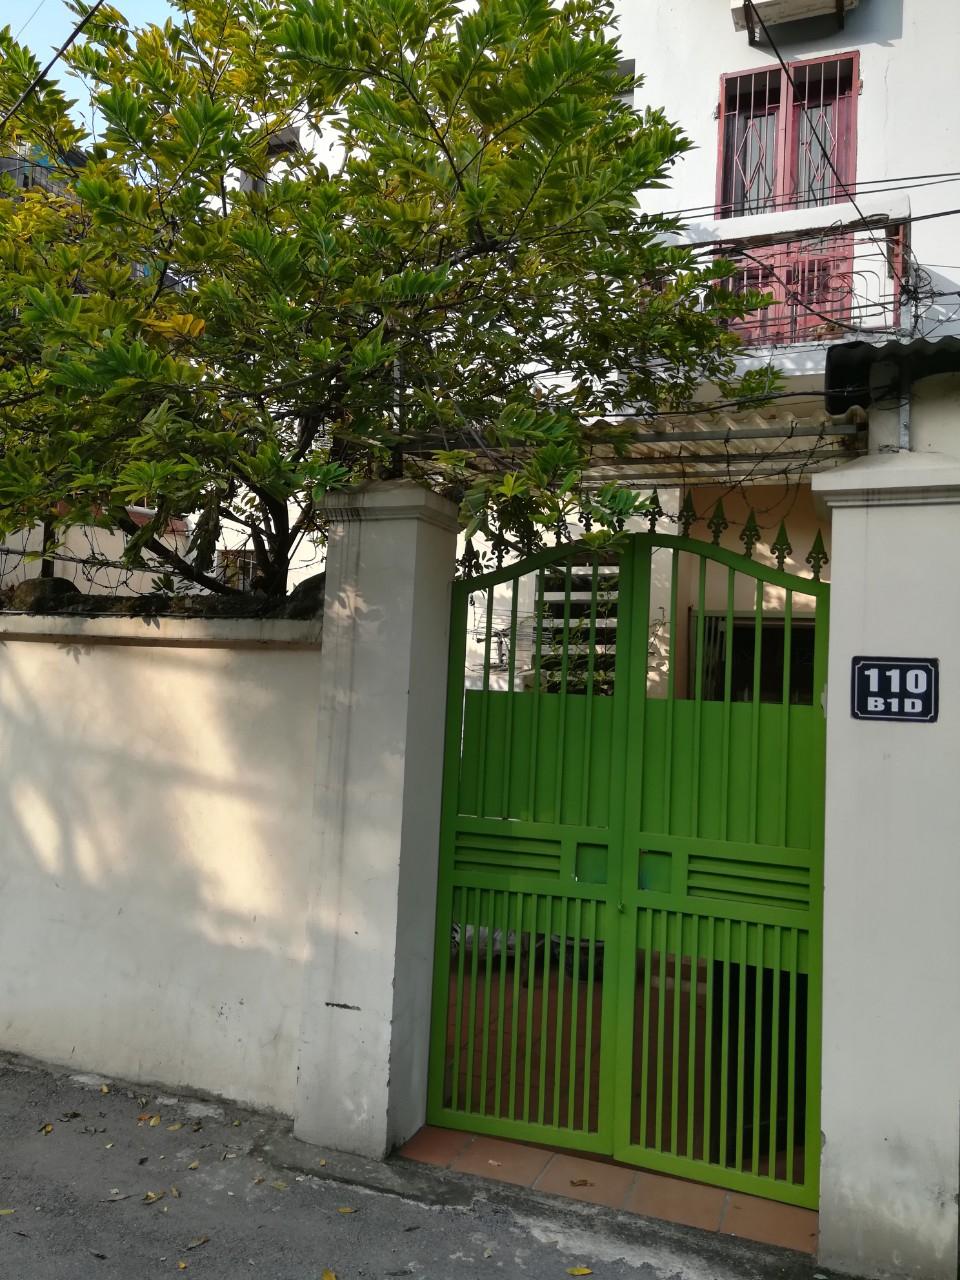 Chính chủ cần cho thuê gấp CHCC, Tầng 1 (Dãy nhà chỉ có 2 tầng), Khu B, Tập thể Bắc Thành Công.